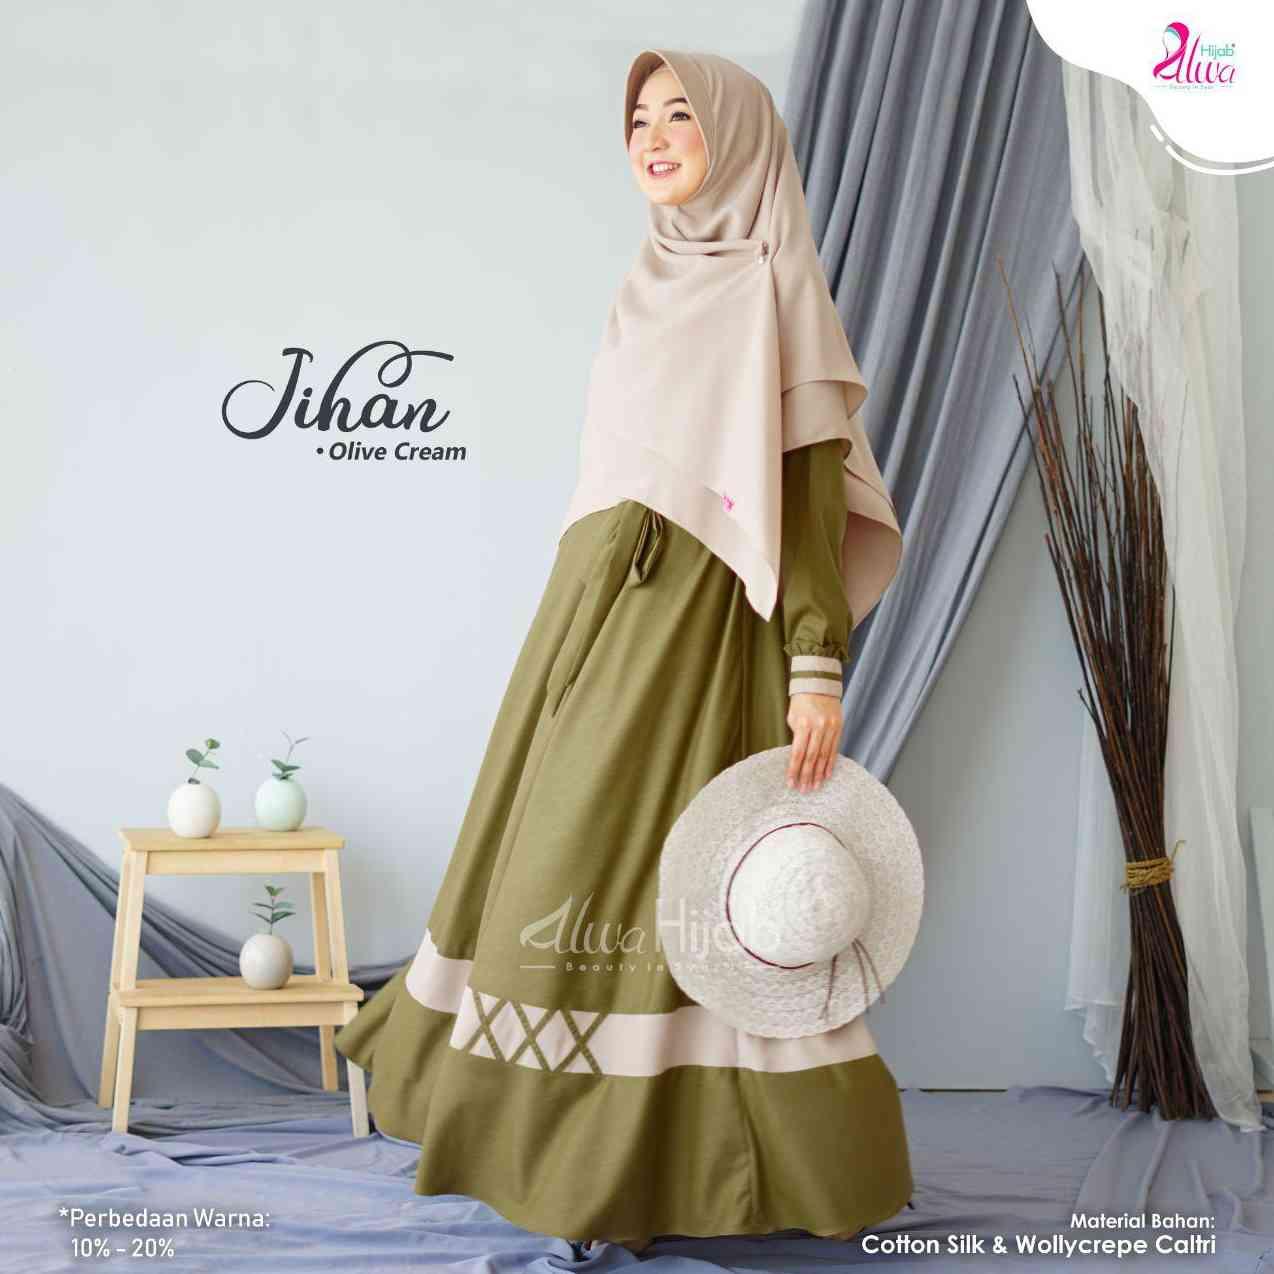 46+ Baru Warna Jilbab Yang Cocok Untuk Baju Coklat Putih